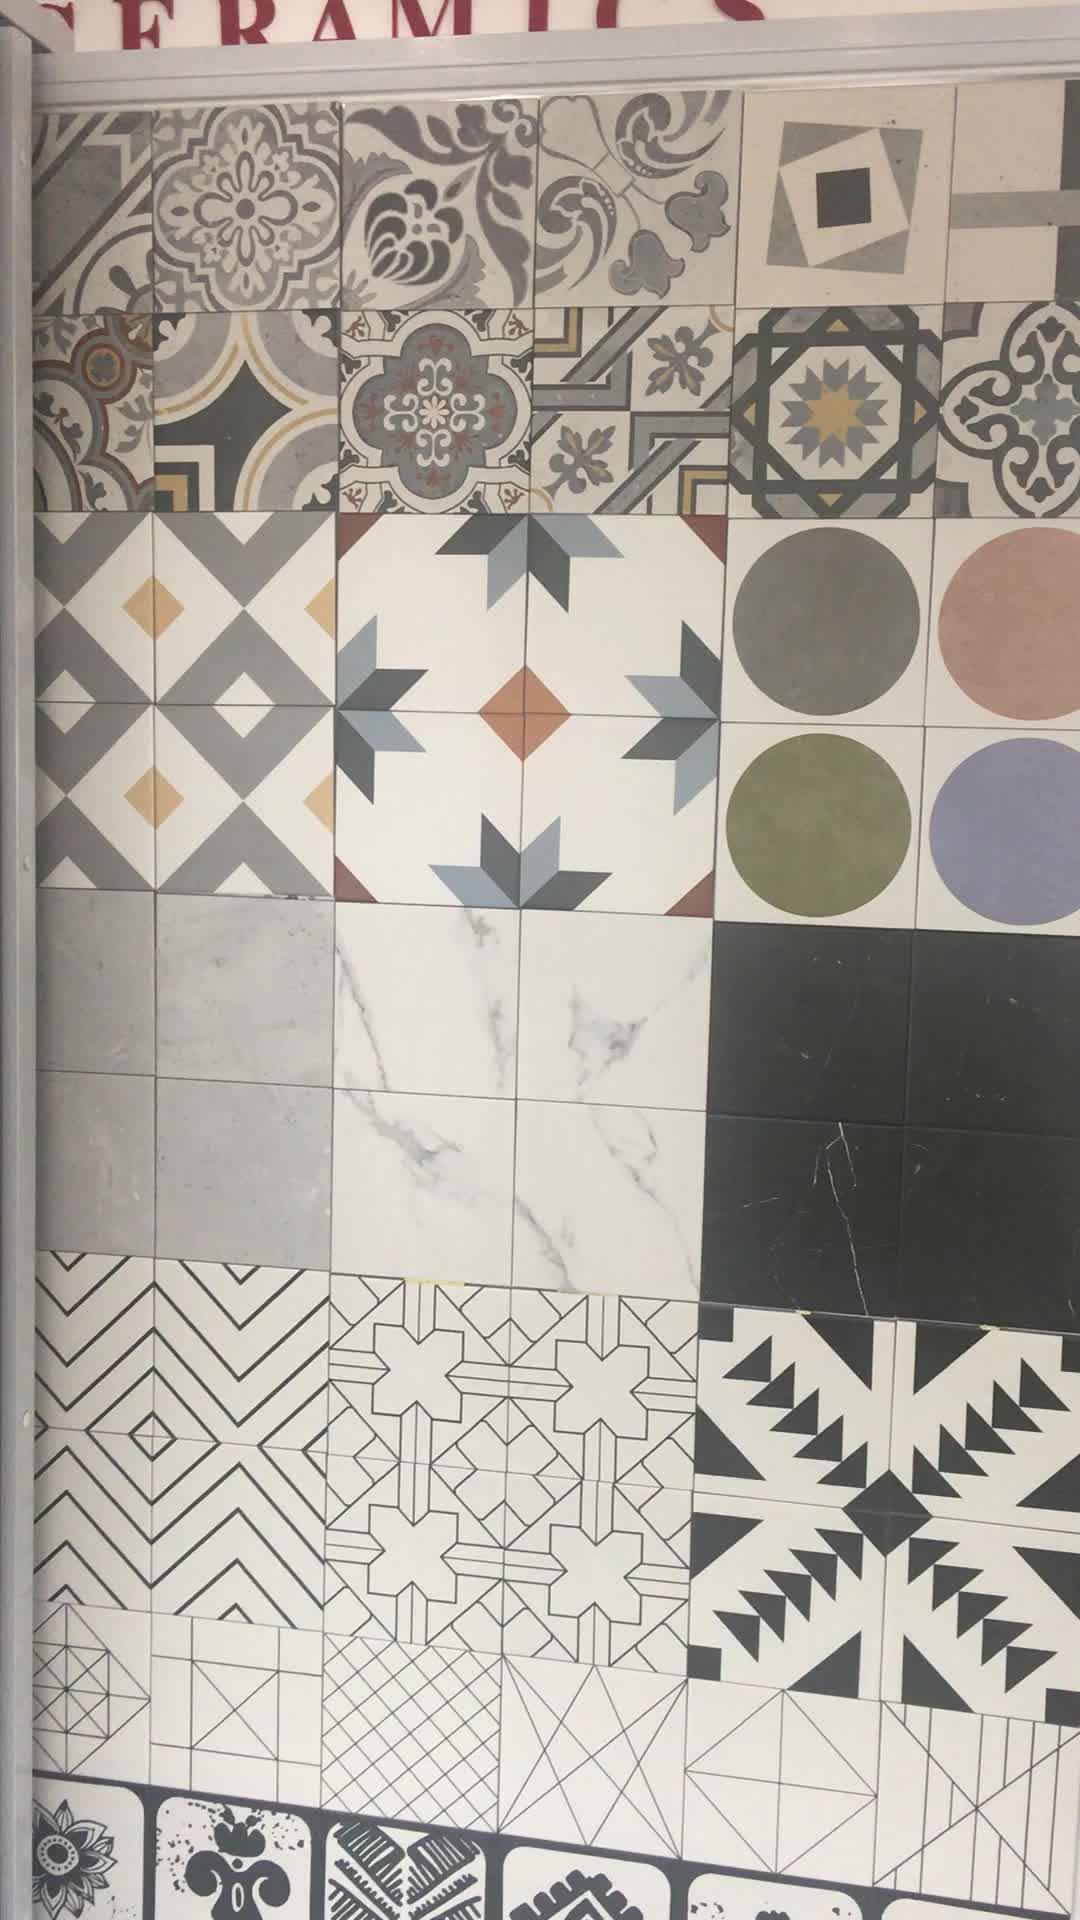 20 × 20 センチ家庭やキッチン純粋な白背景の壁の装飾タイル